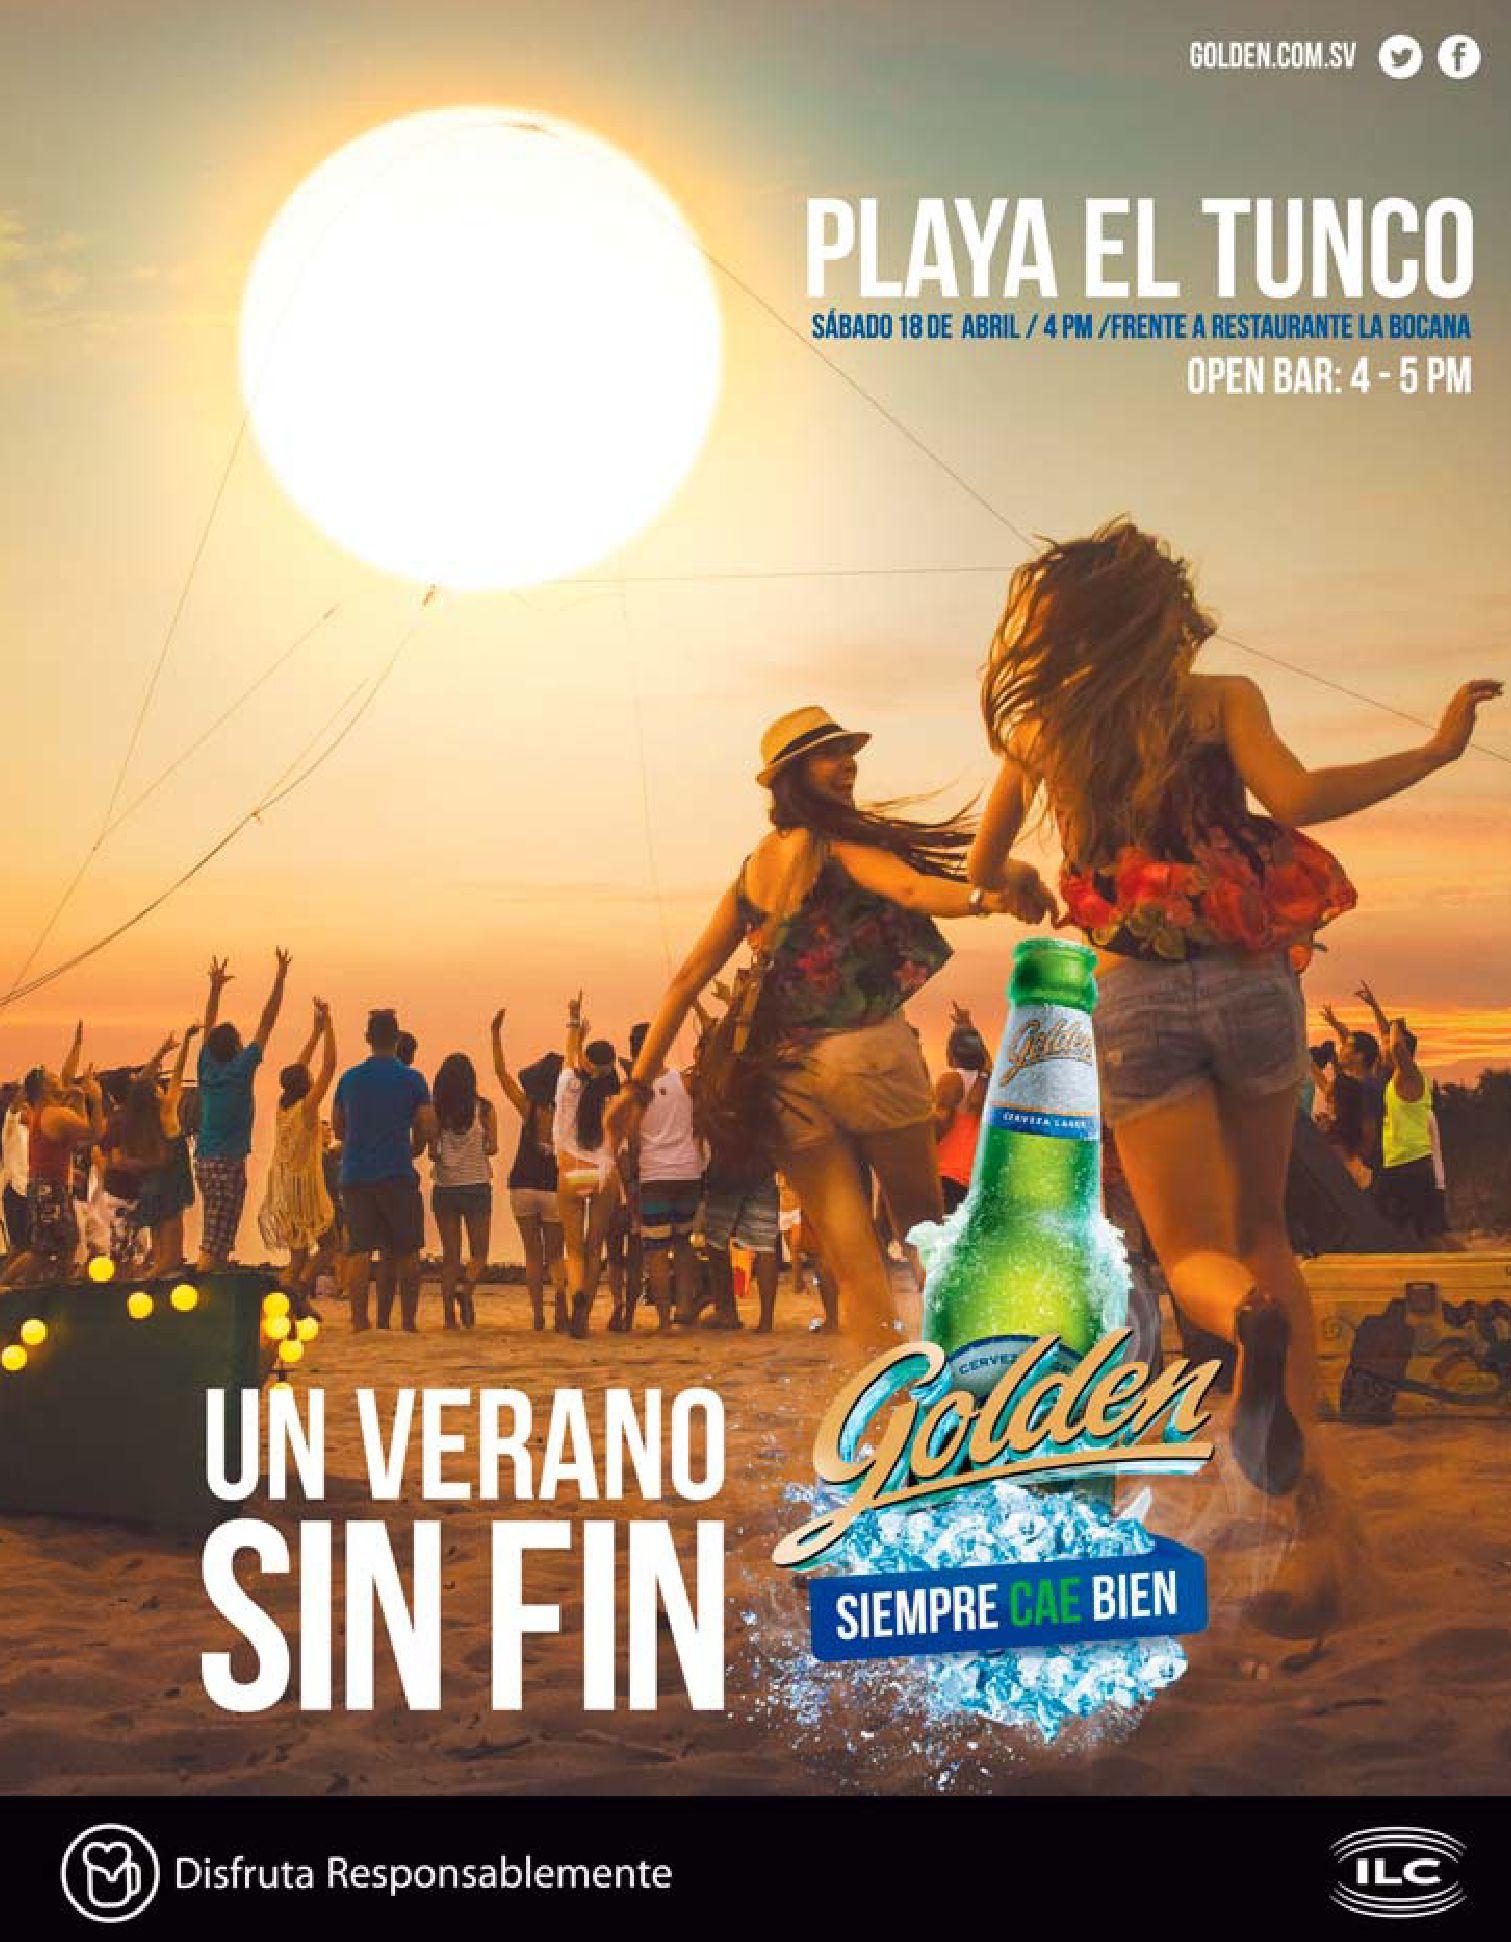 Fiesta de verano en PLAYA EL TUNCO este sabado 18 de abril